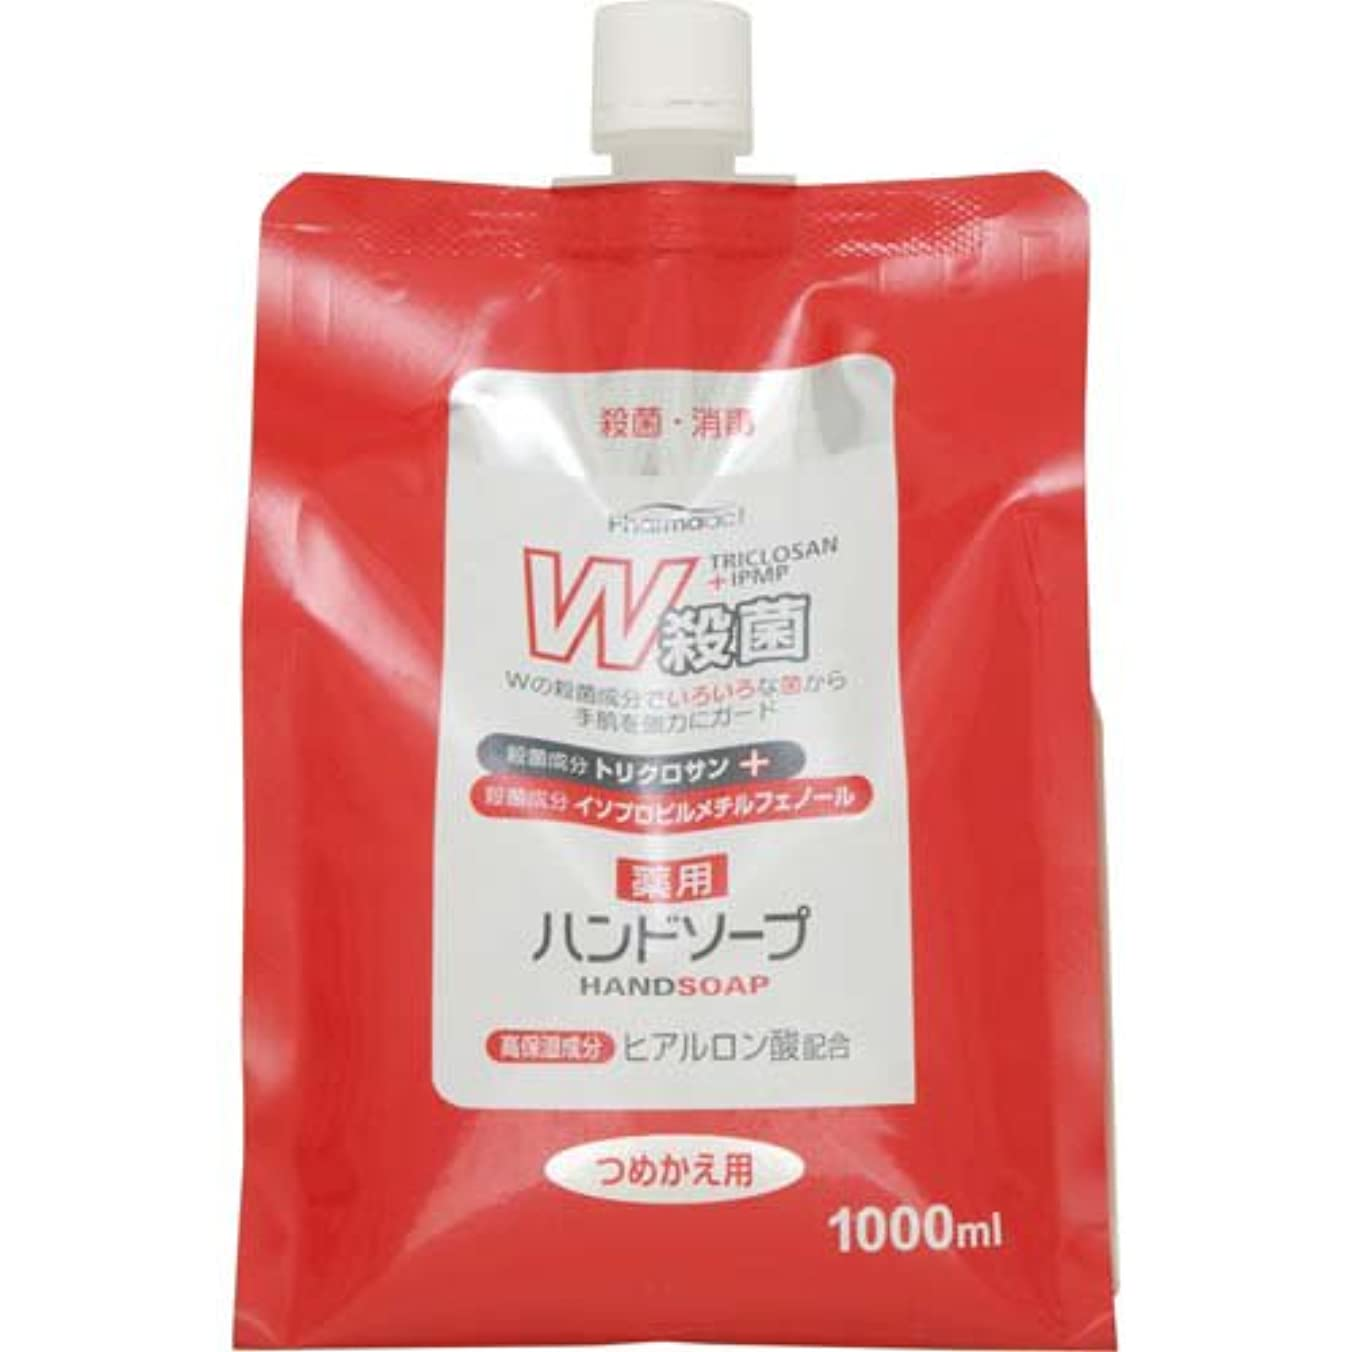 ユーザー剛性超えるファーマアクト W殺菌薬用ハンドソープ スパウト付き詰替 1000ml